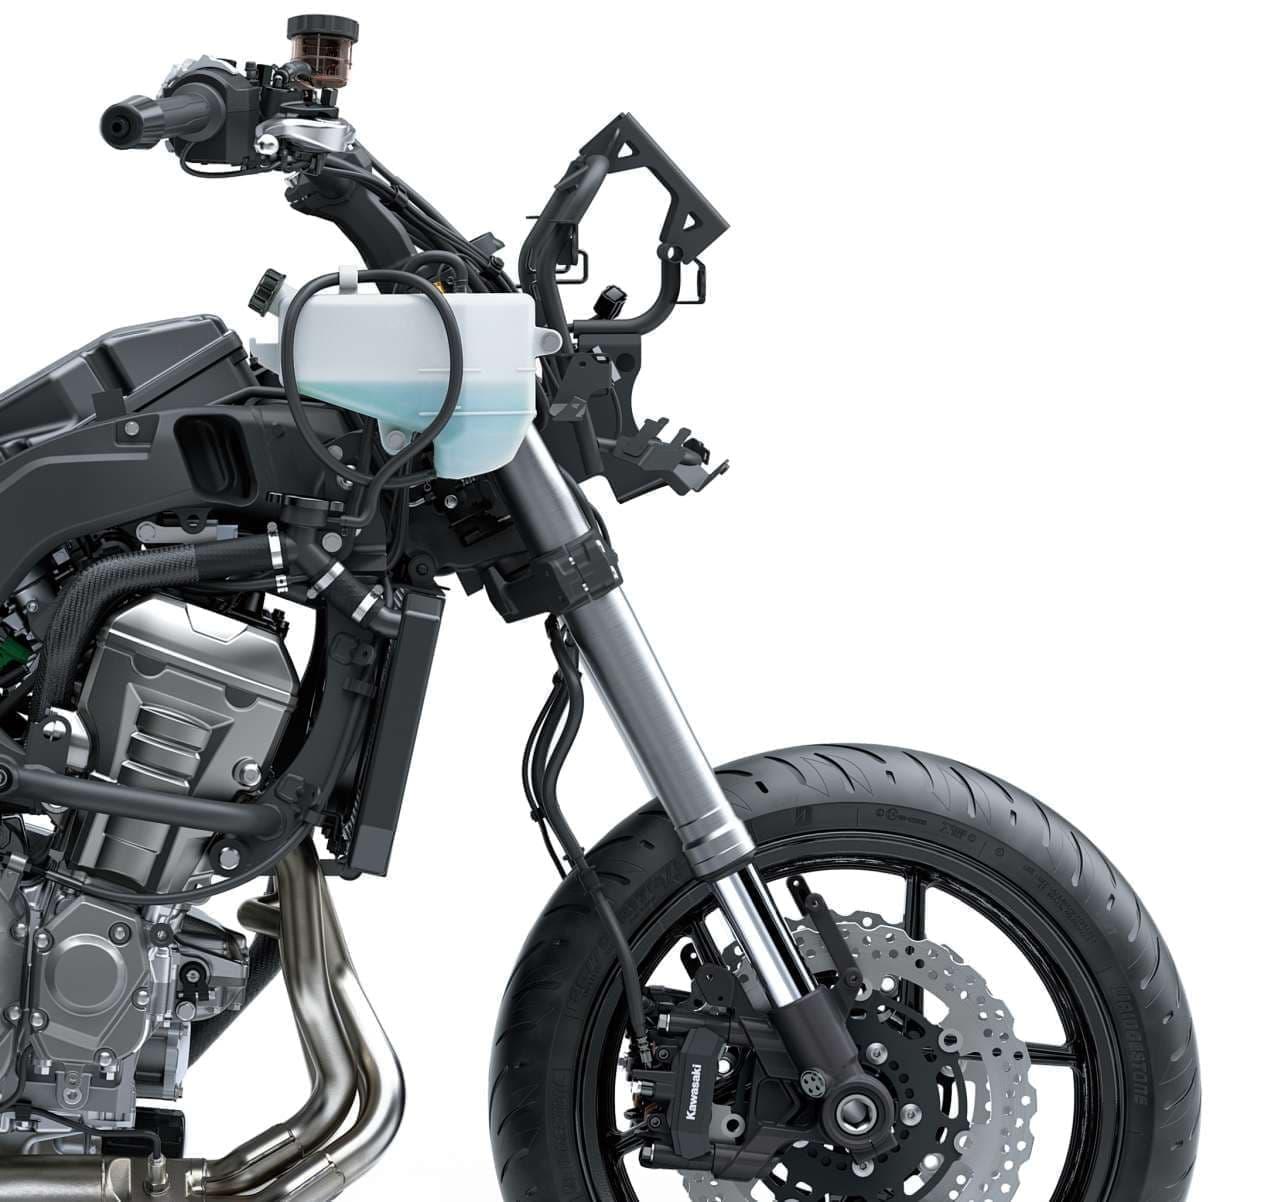 カワサキ 進化した「VERSYS 1000 SE」発売 スカイフックテクノロジーで走行性能&快適性をアップ